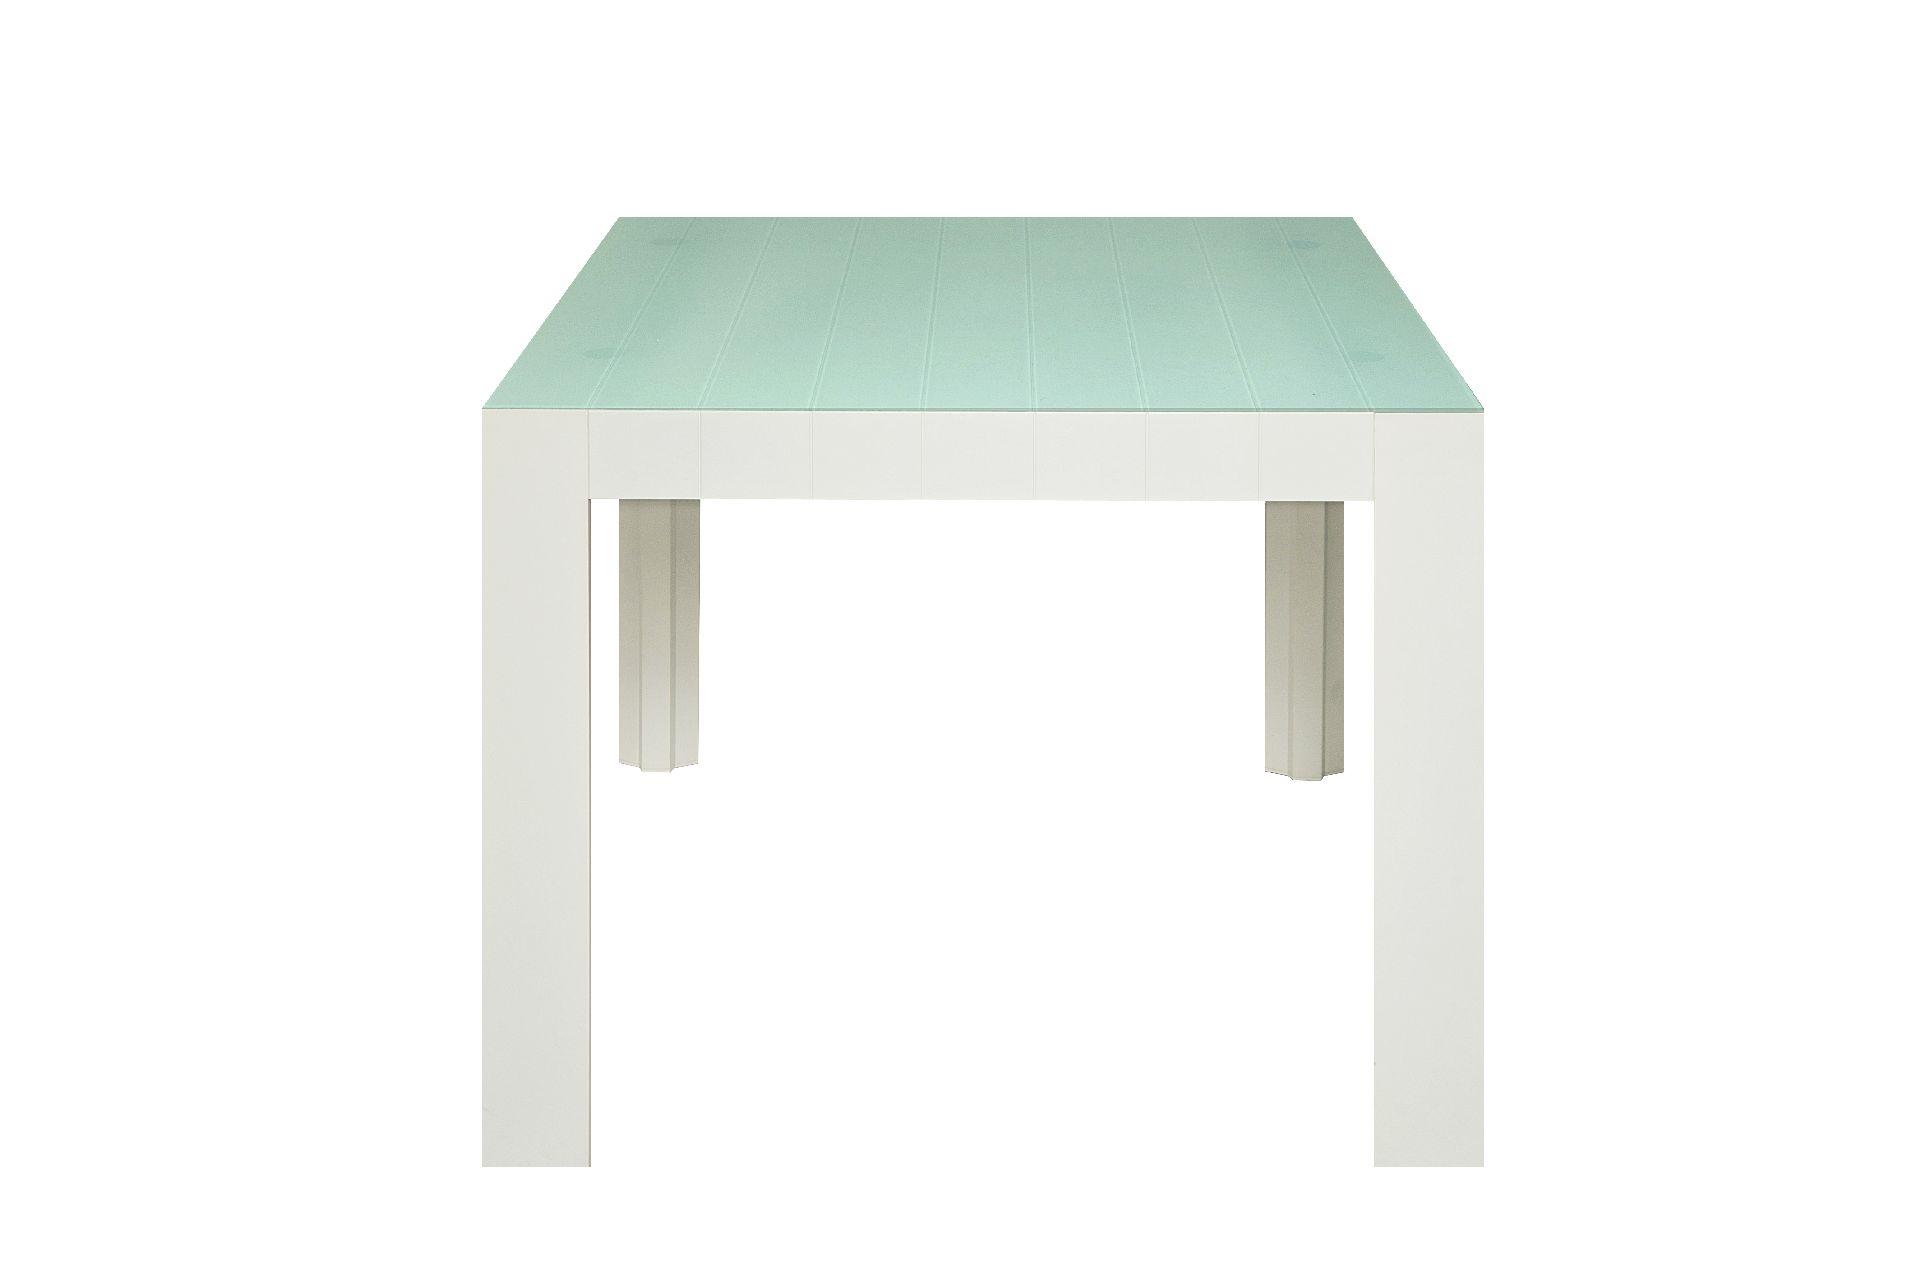 Tavolo Con Ripiano In Vetro.Tavolo Quadrato Allungabile Vetro Finest Stunning Tavolo Quadrato